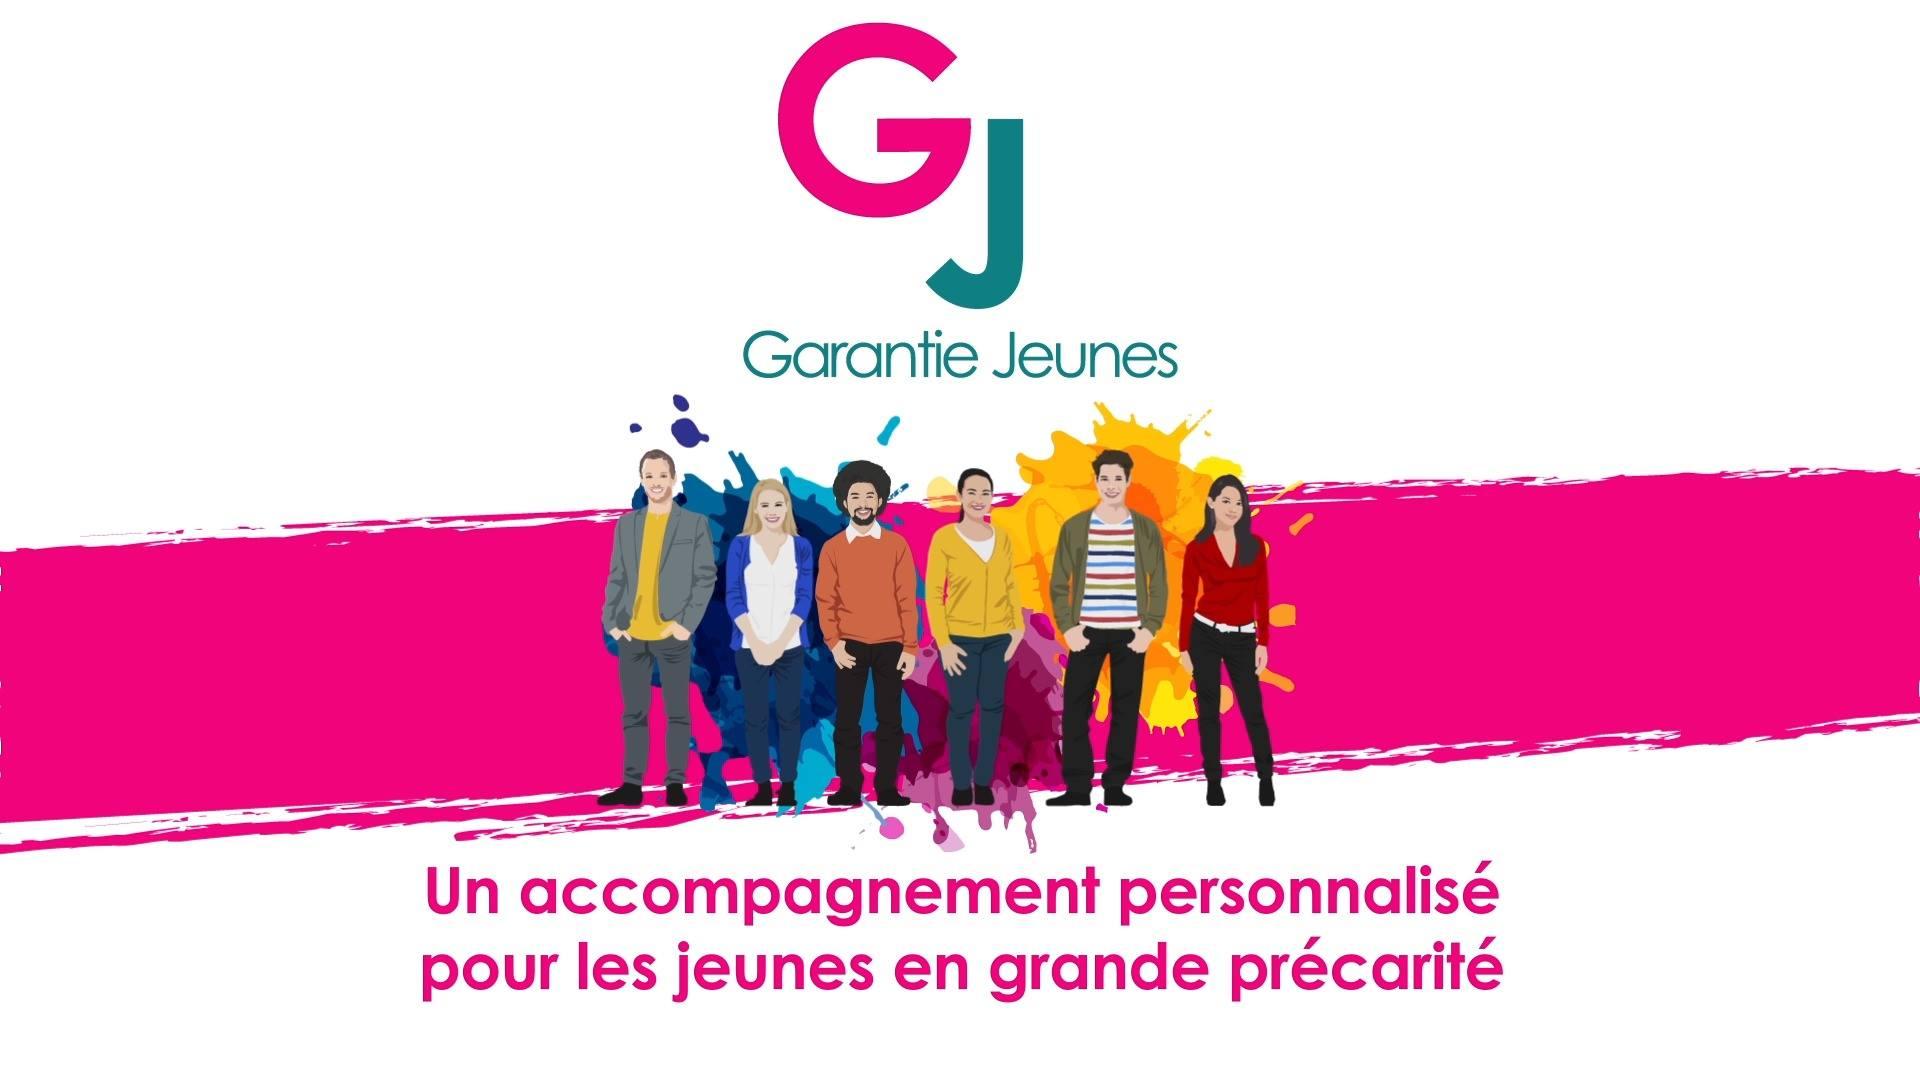 La garantie jeunes, un accompagnement personnalisé